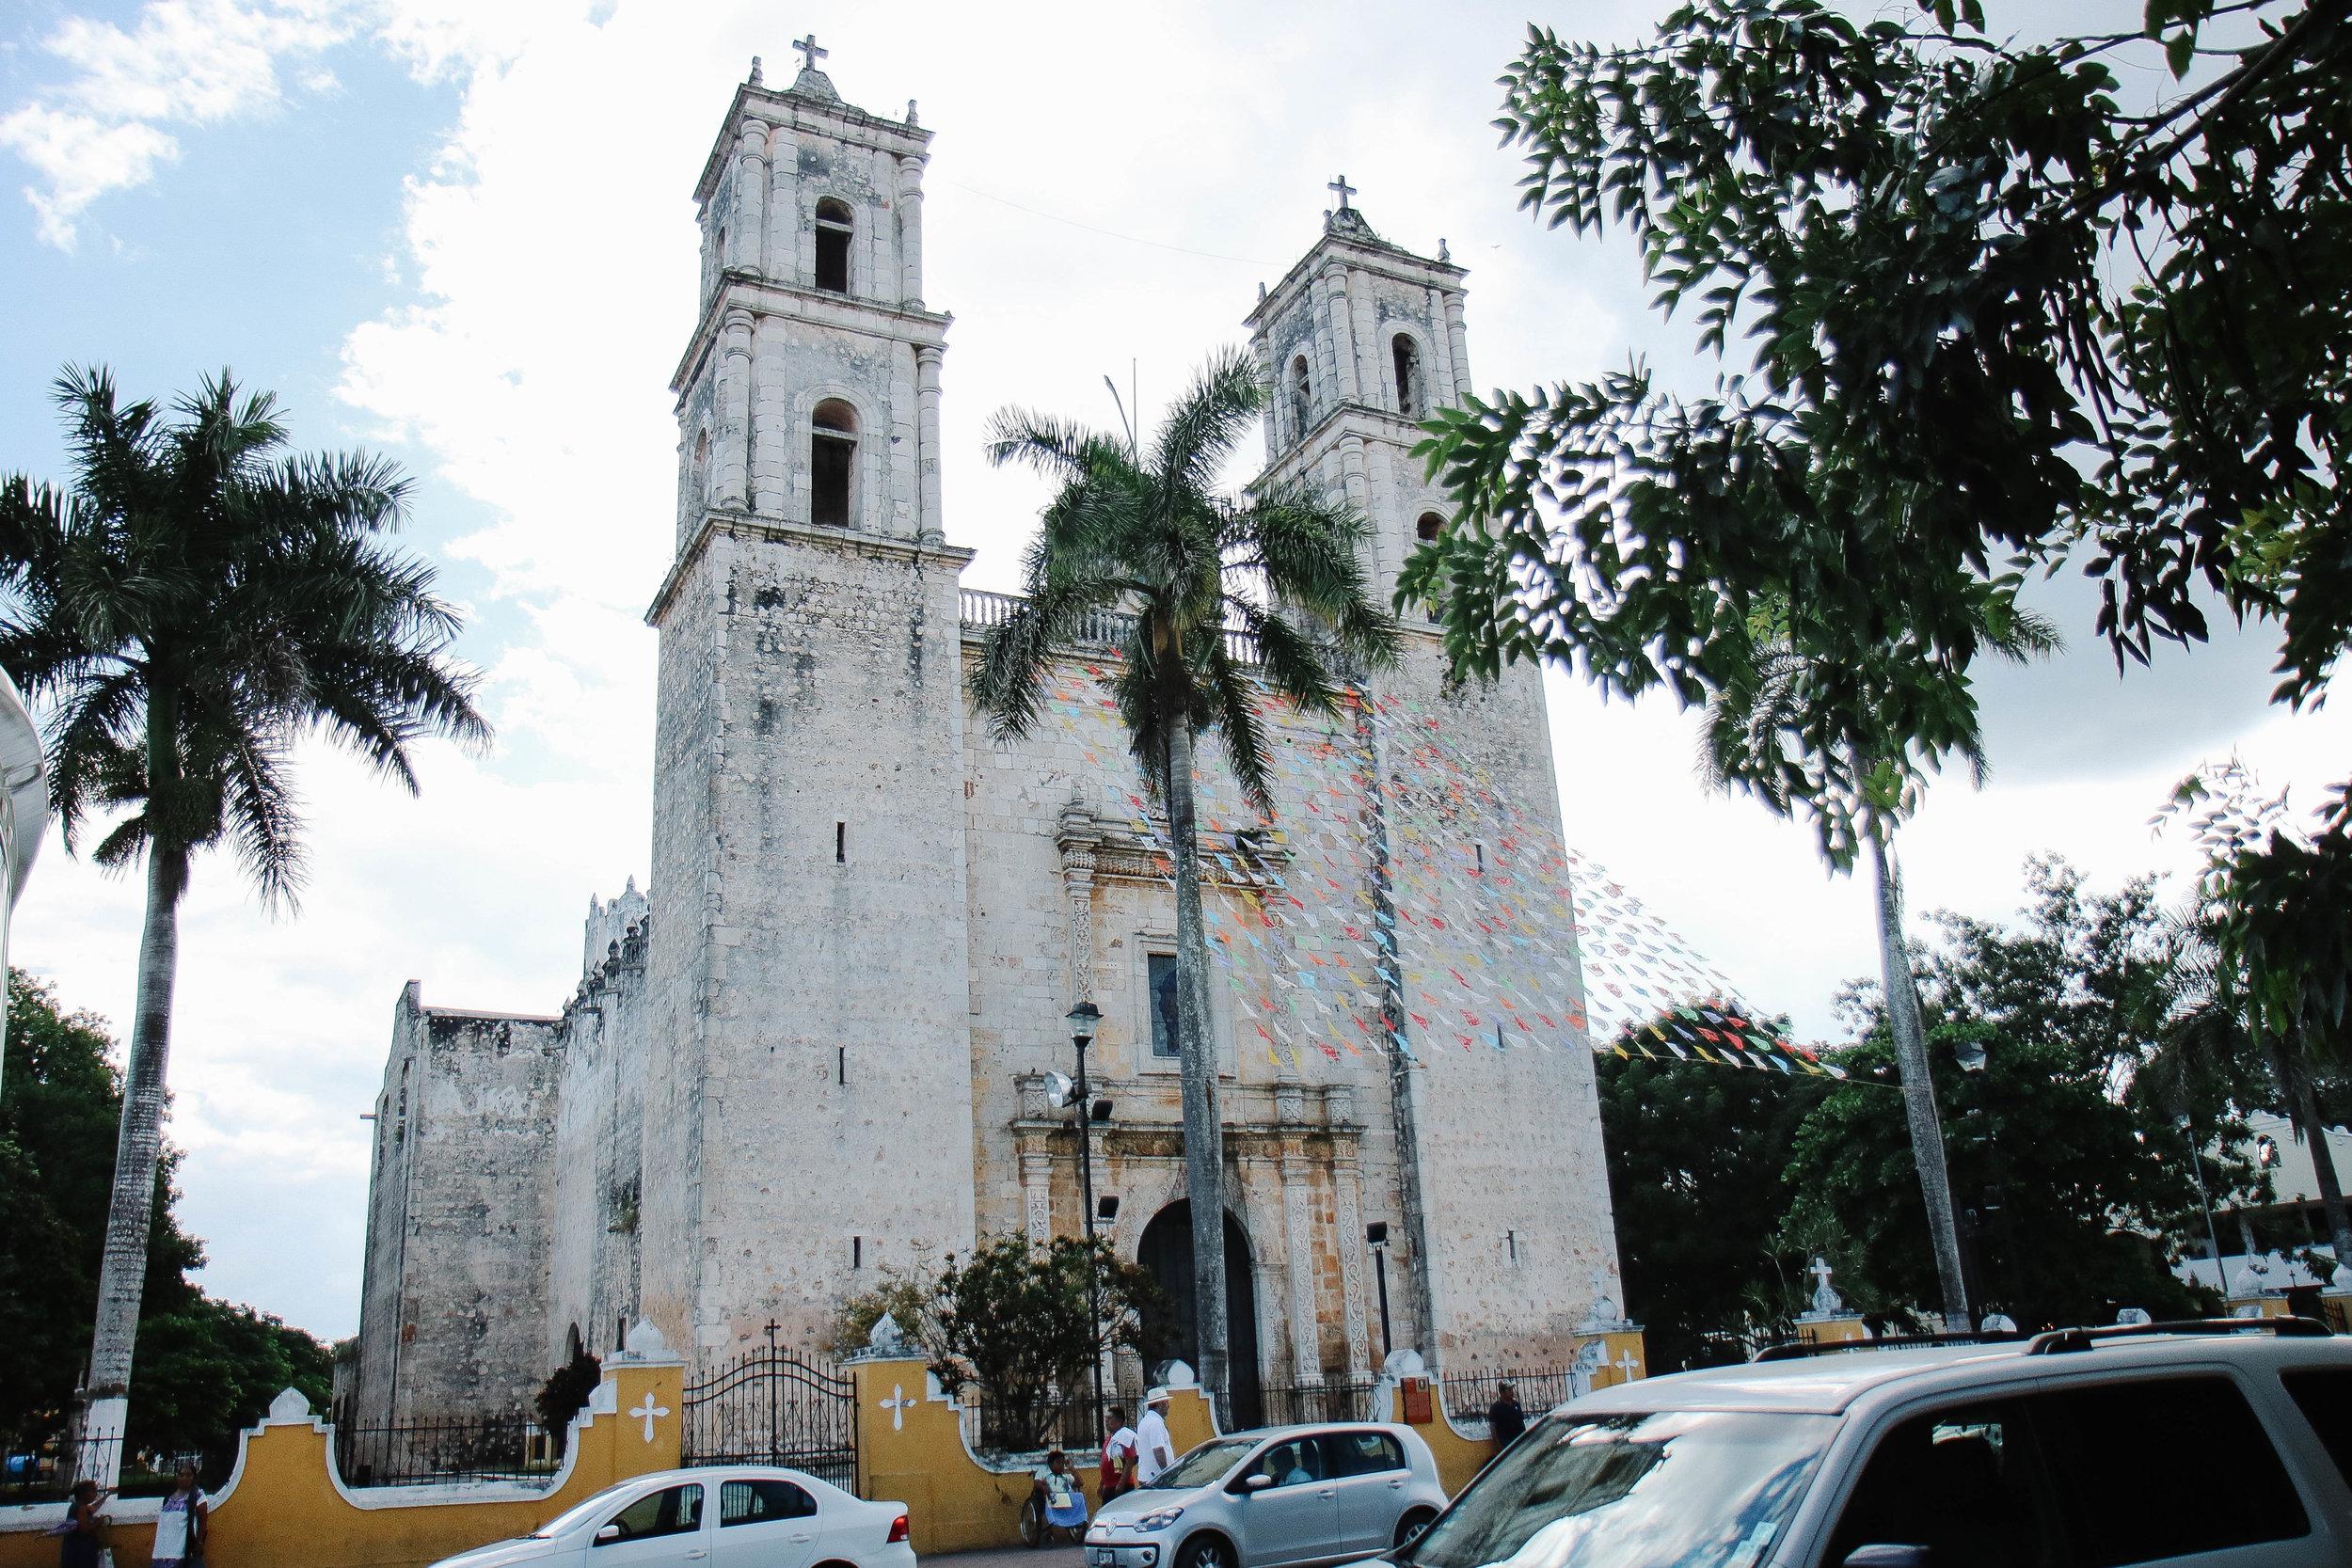 Church of San Servacio